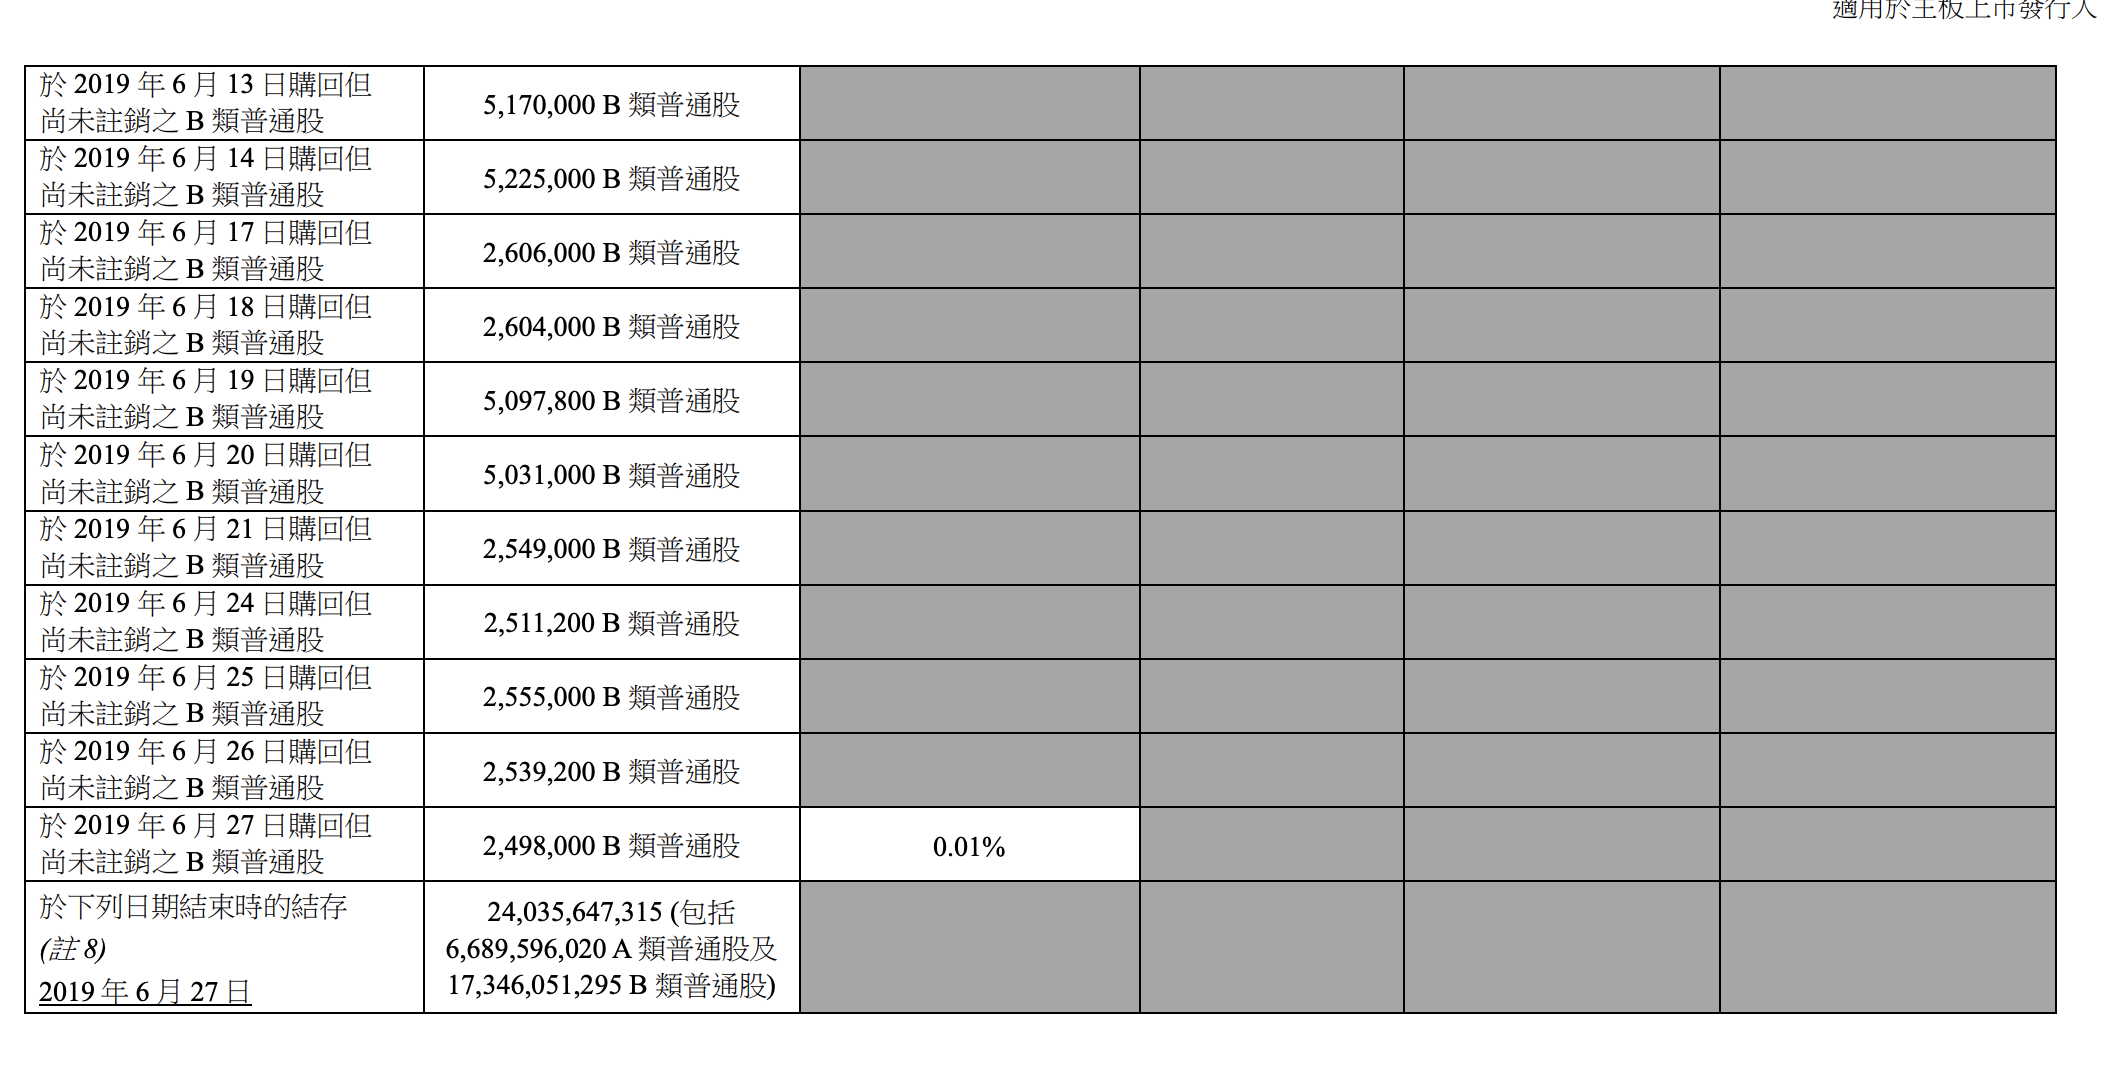 小米6月回购了16次,你怎么看? - 如何购买美股、港股